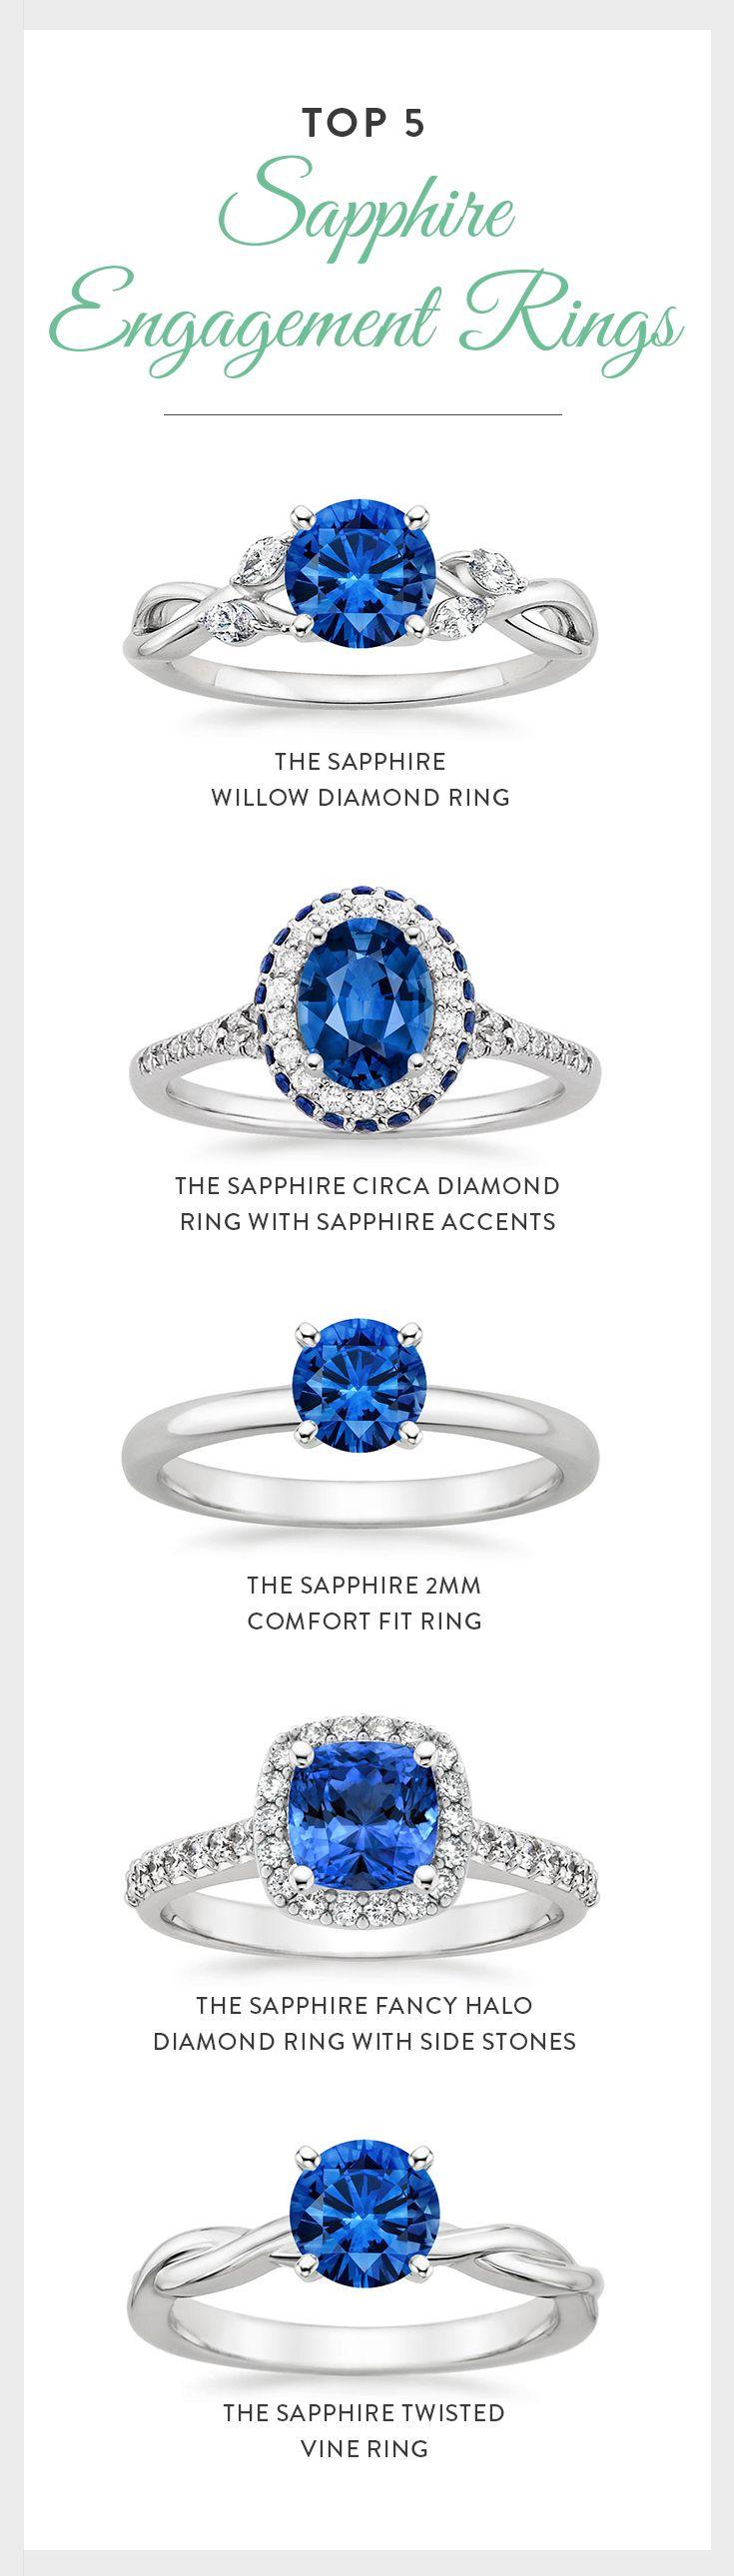 Do you love the beauty of sapphires in vibrant hues? Discover your own unique sapphire style now! anillos de compromiso | alianzas de boda | anillos de compromiso baratos http://amzn.to/297uk4t